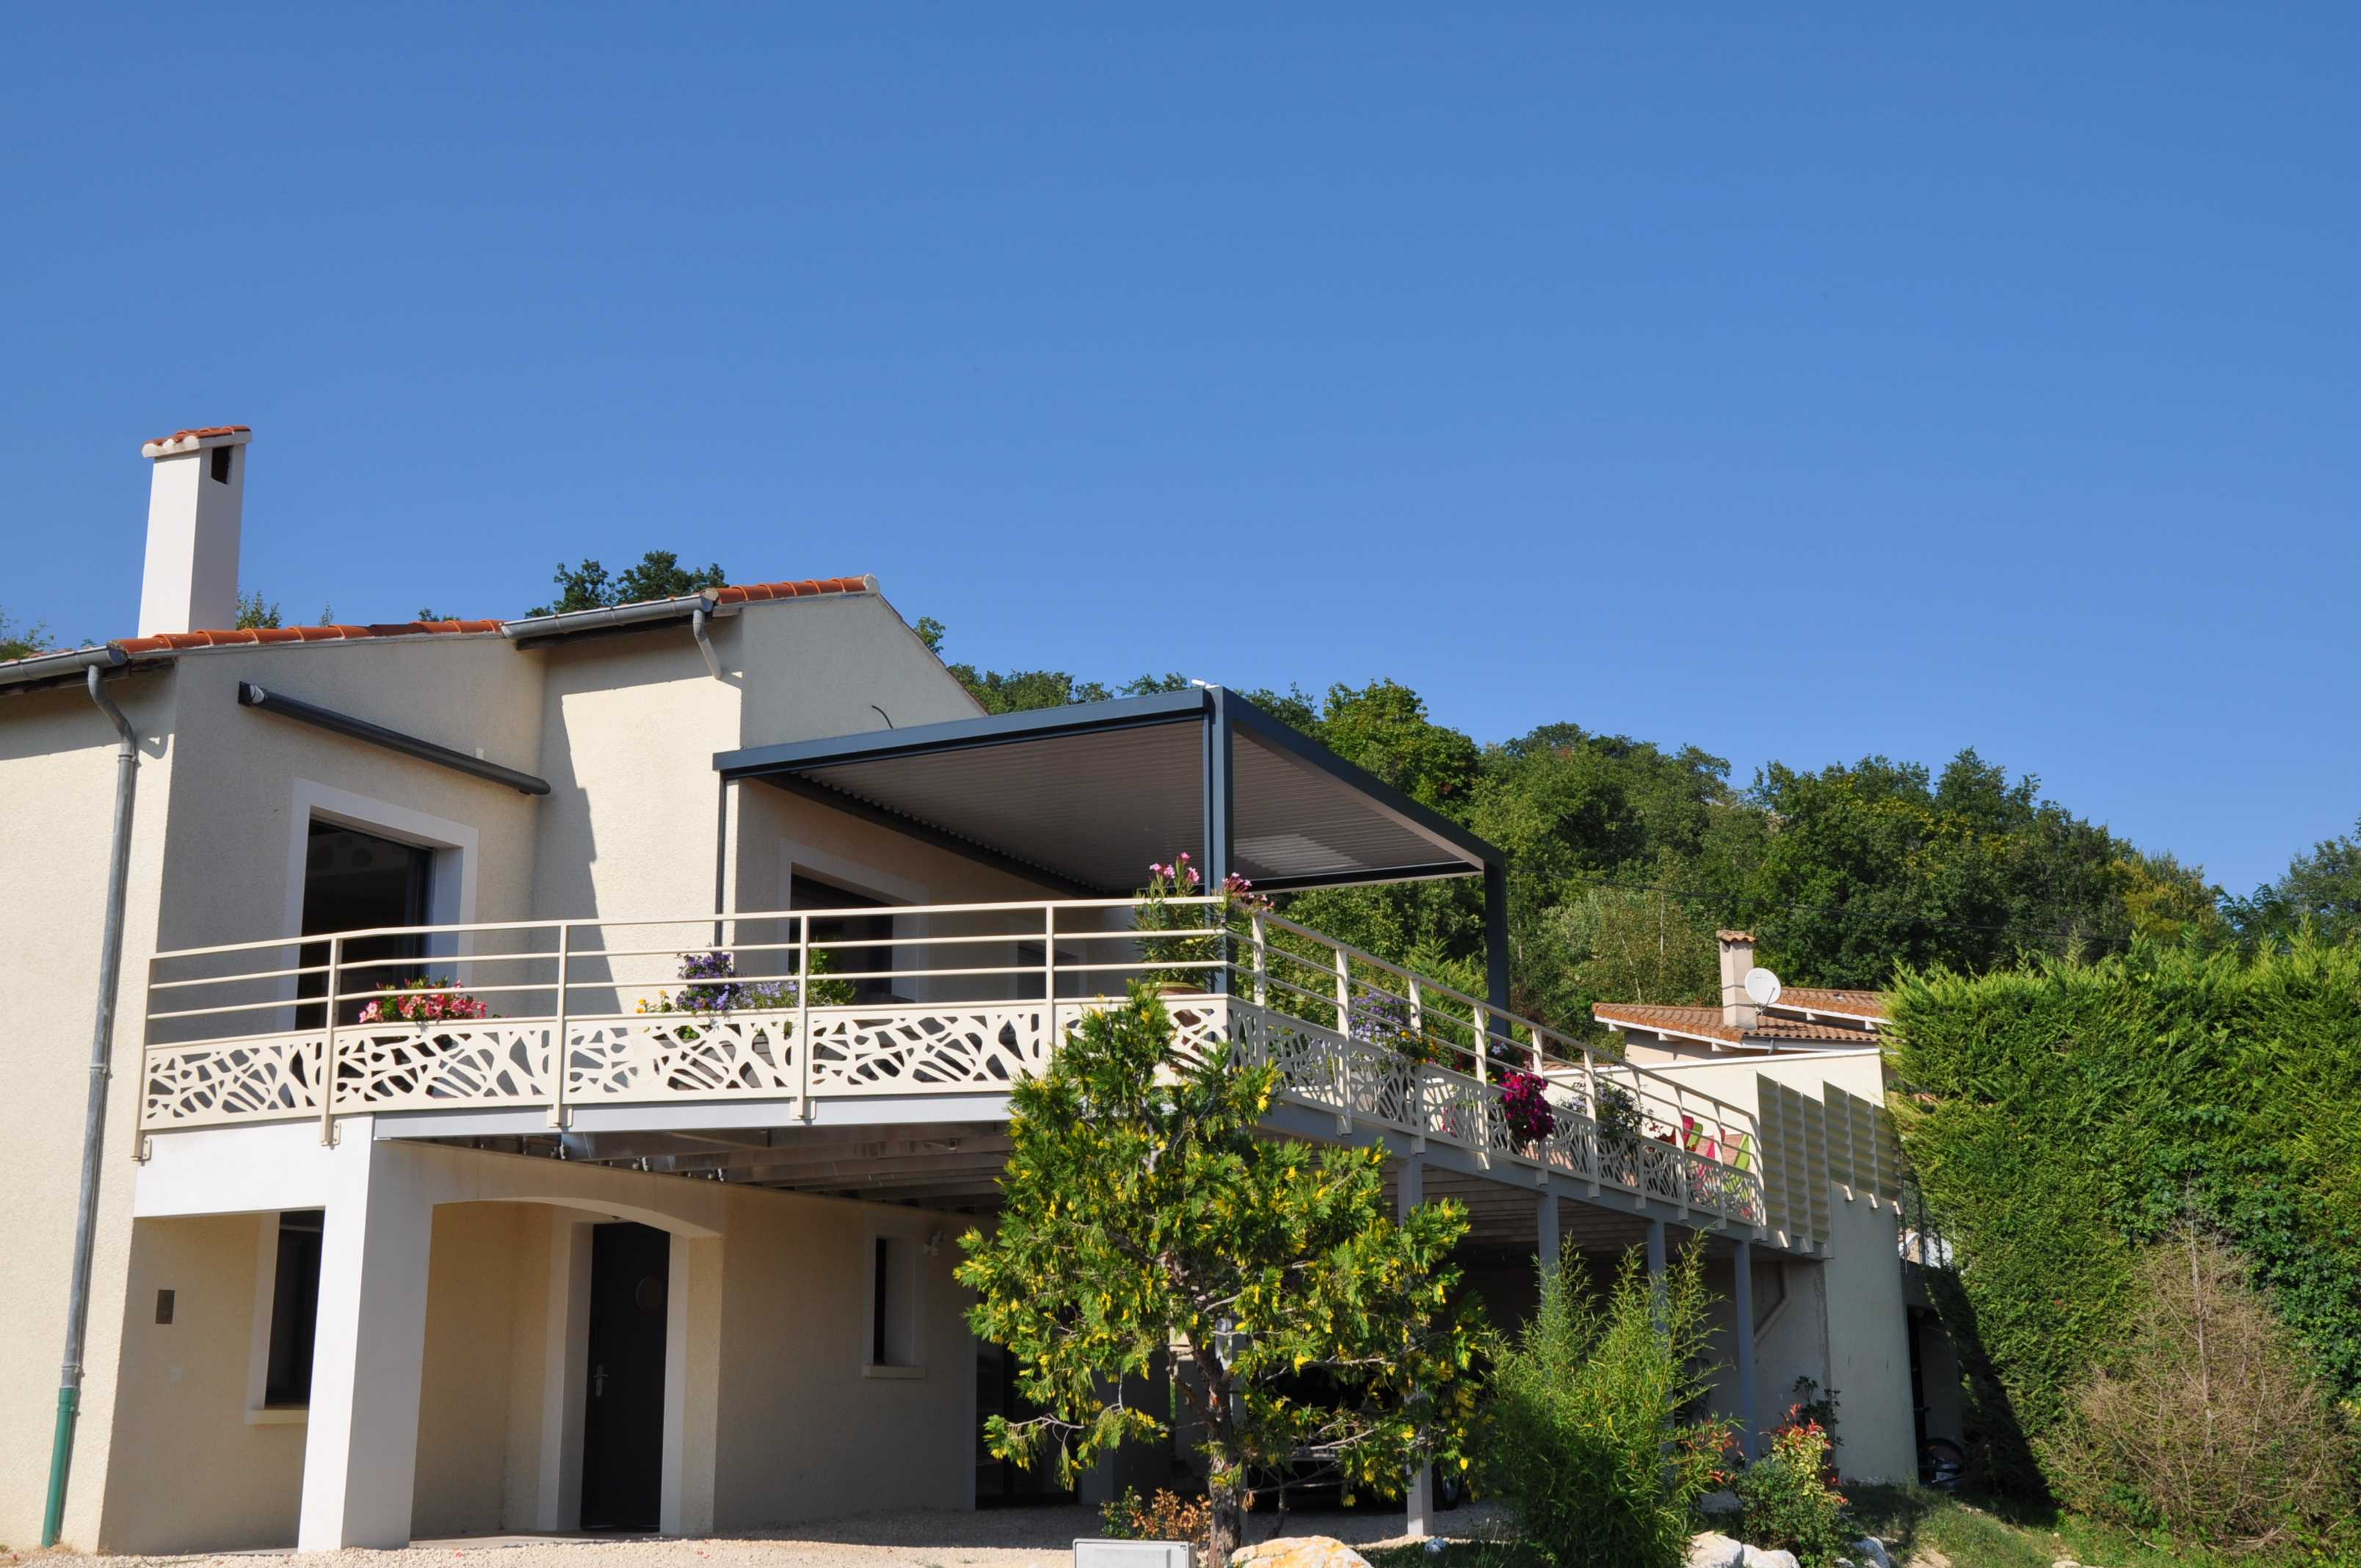 Terrasse Sur Pilotis   Structure Garde Corps Et Brise Vue Aluminium    Option Peinture Qualicoat